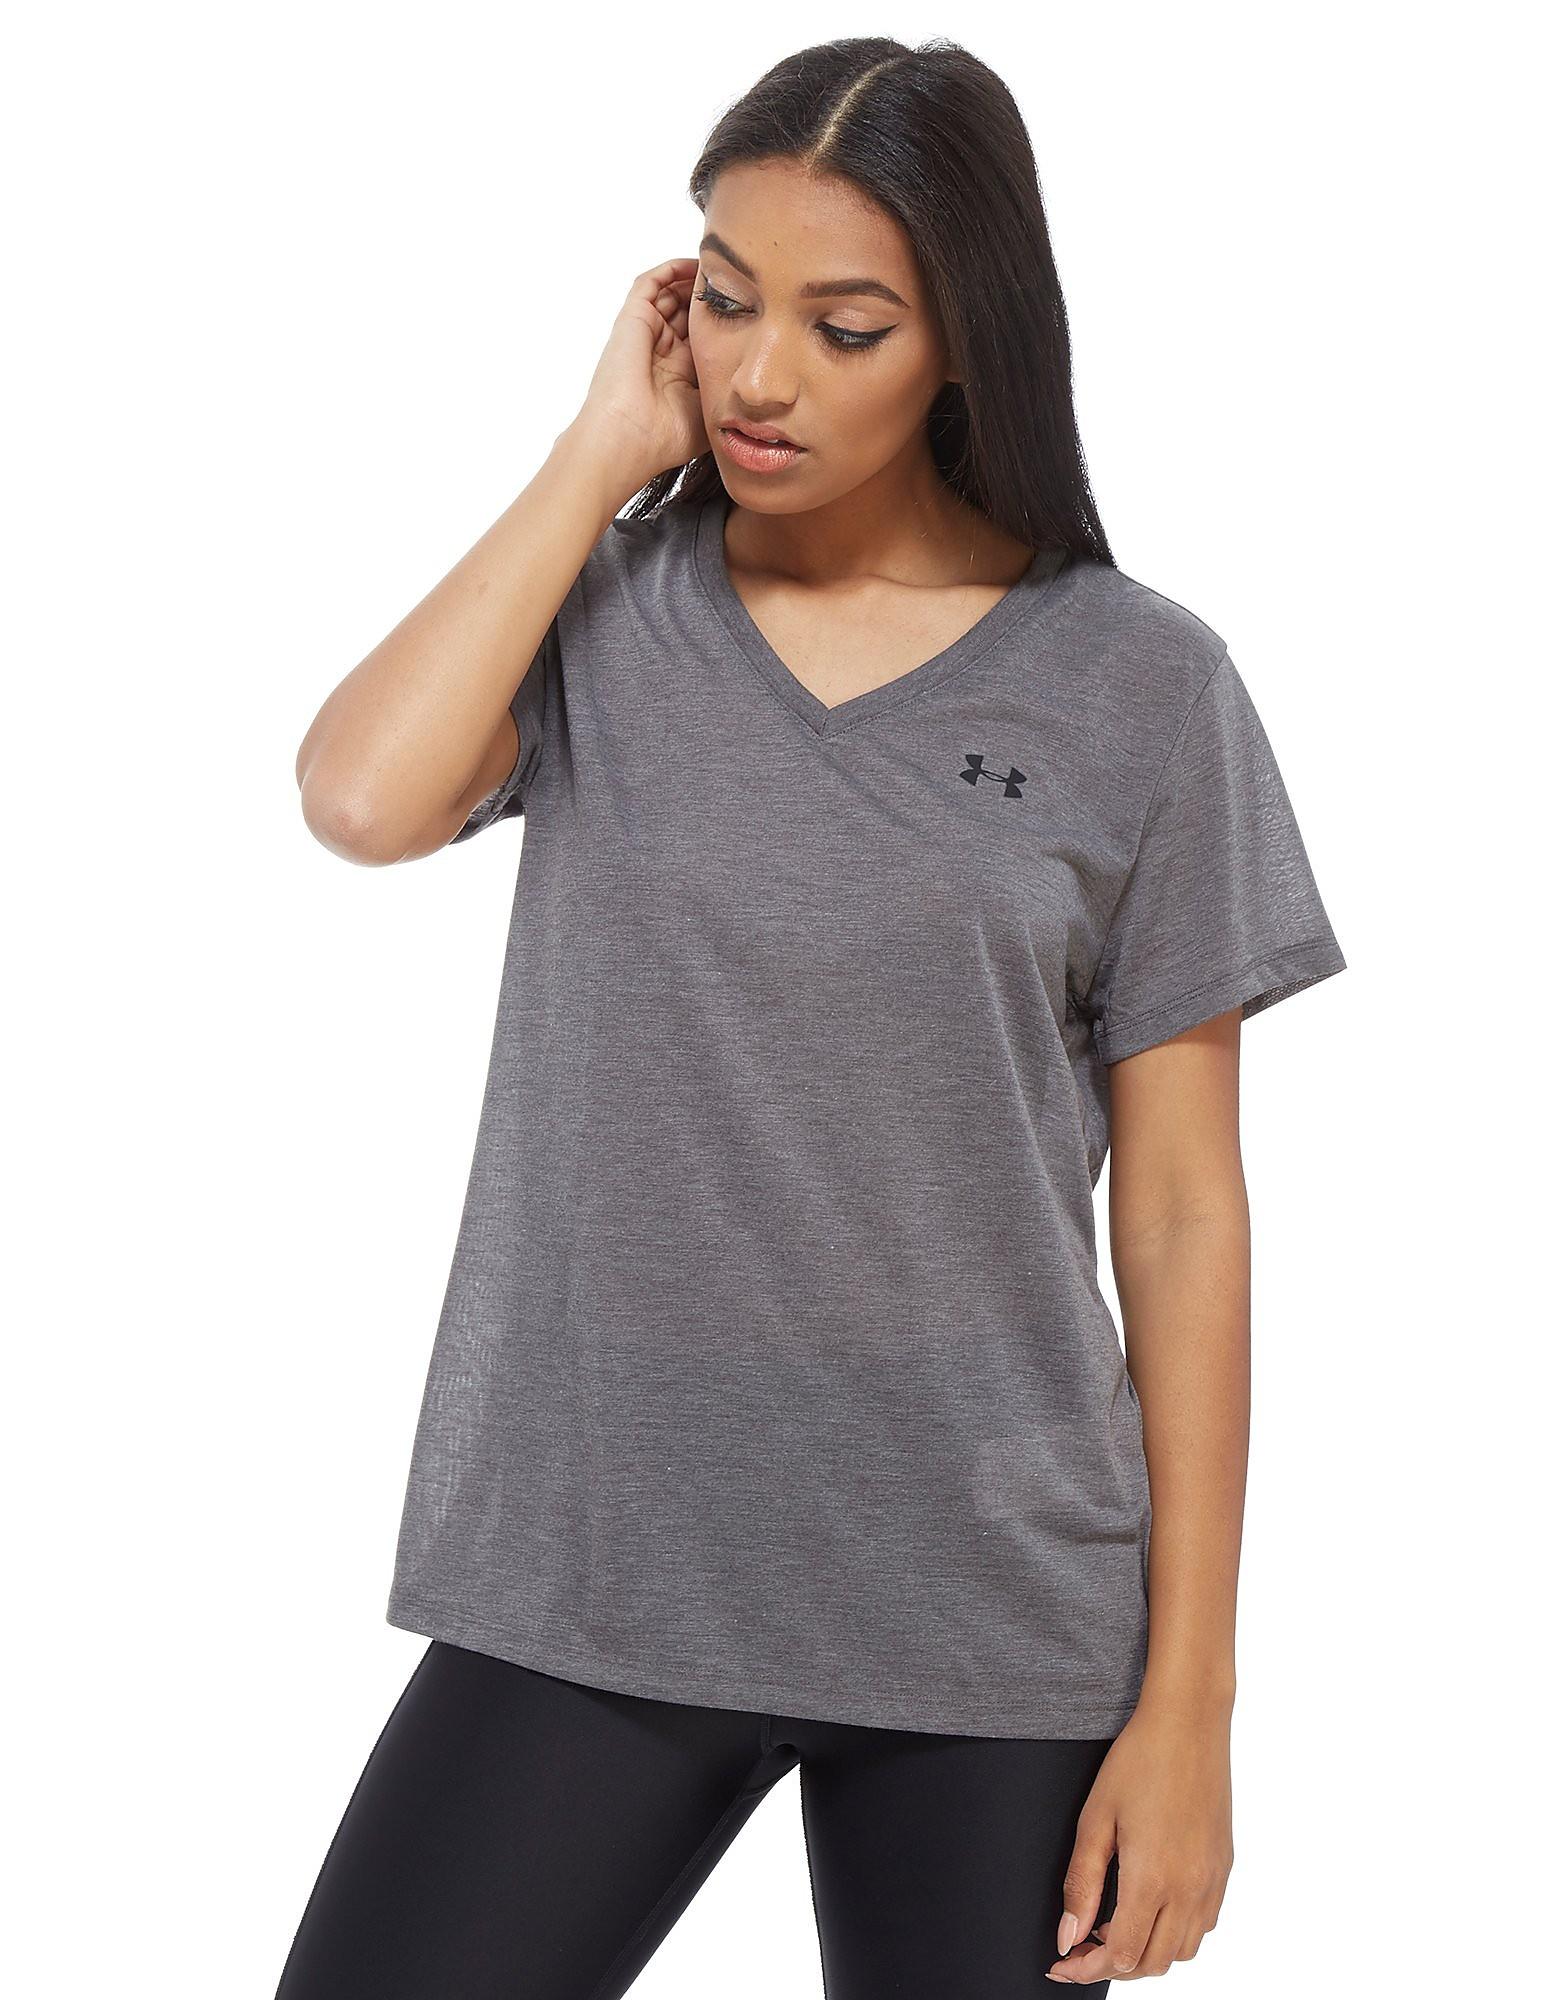 Under Armour camiseta Threadborne